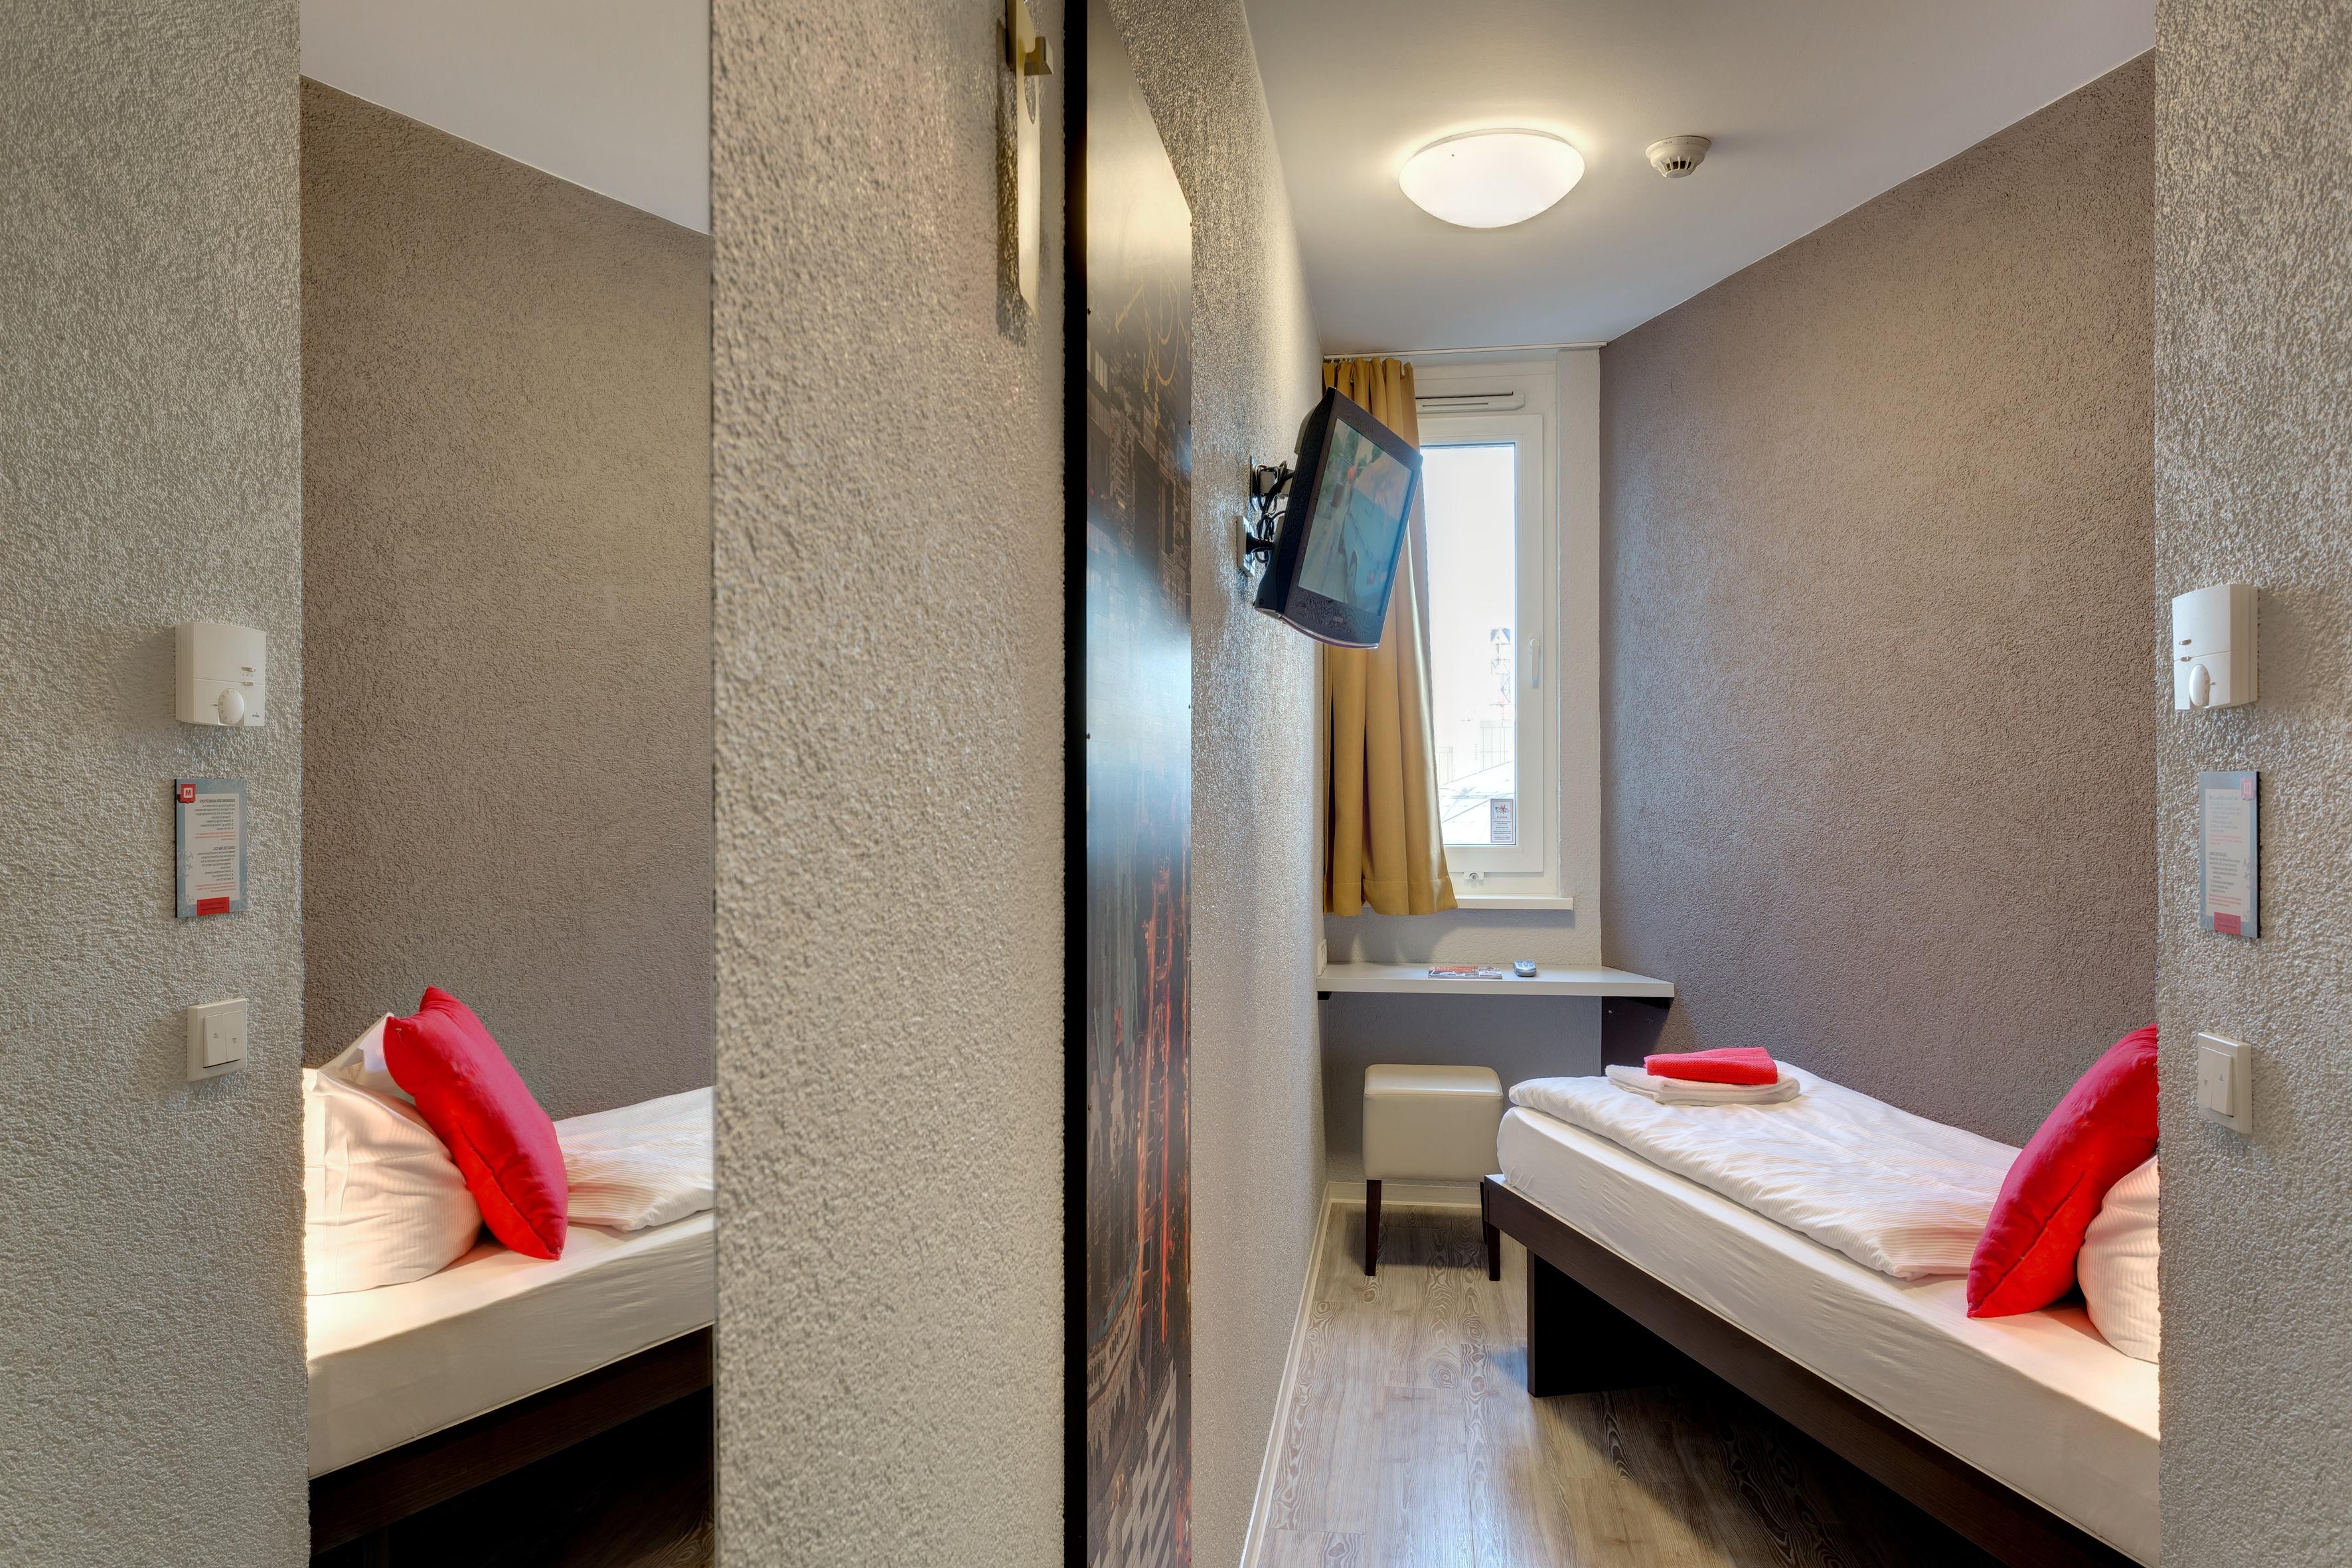 MEININGER Hotel Berlin Central Station - Zweibettzimmer